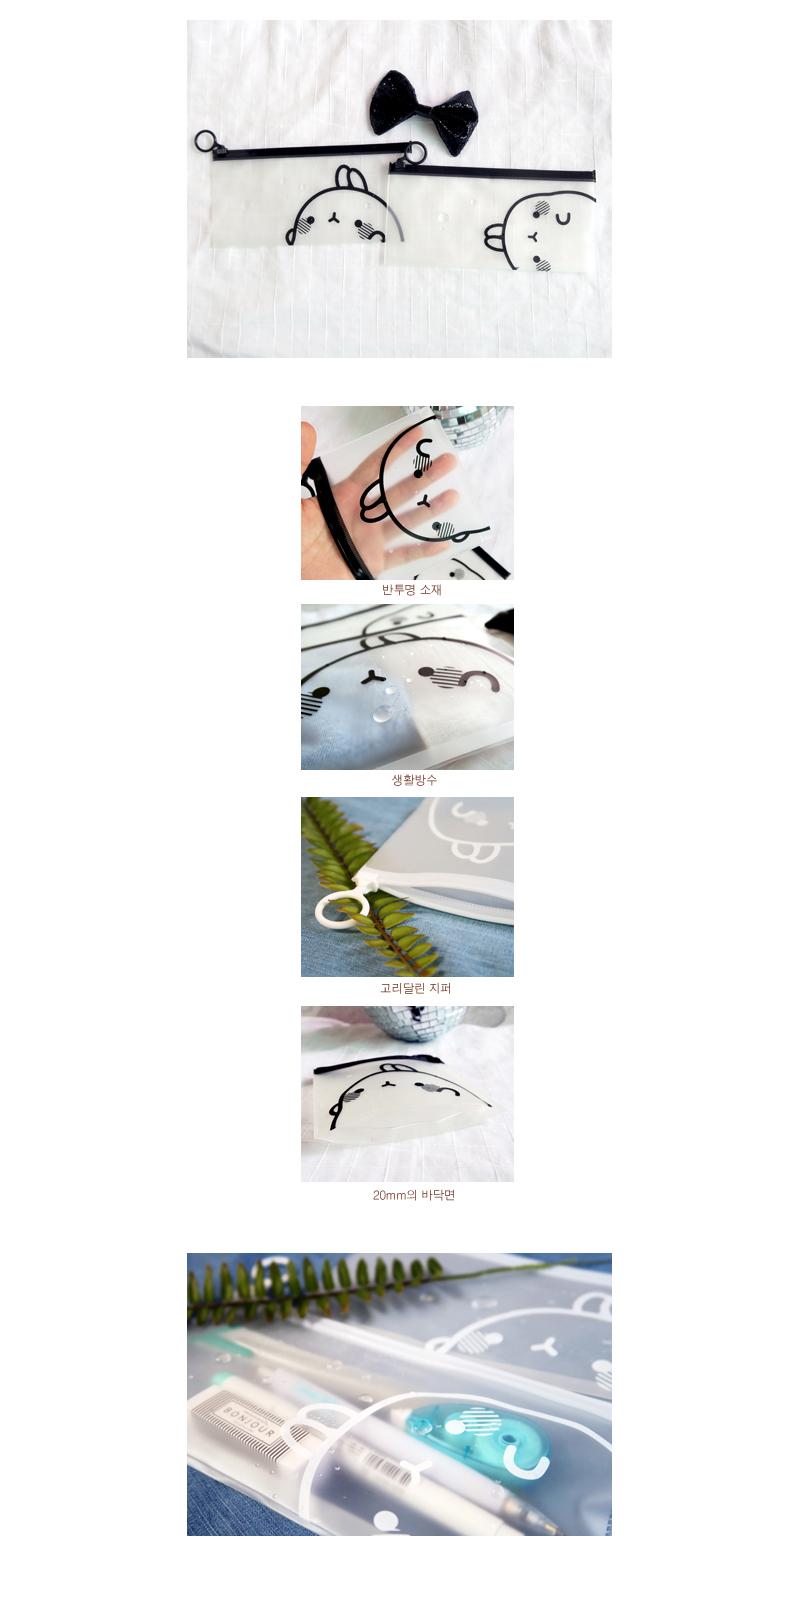 몰랑 PVC 파우치 - Medium - 북코디, 1,400원, 투명/플라스틱필통, 캐릭터